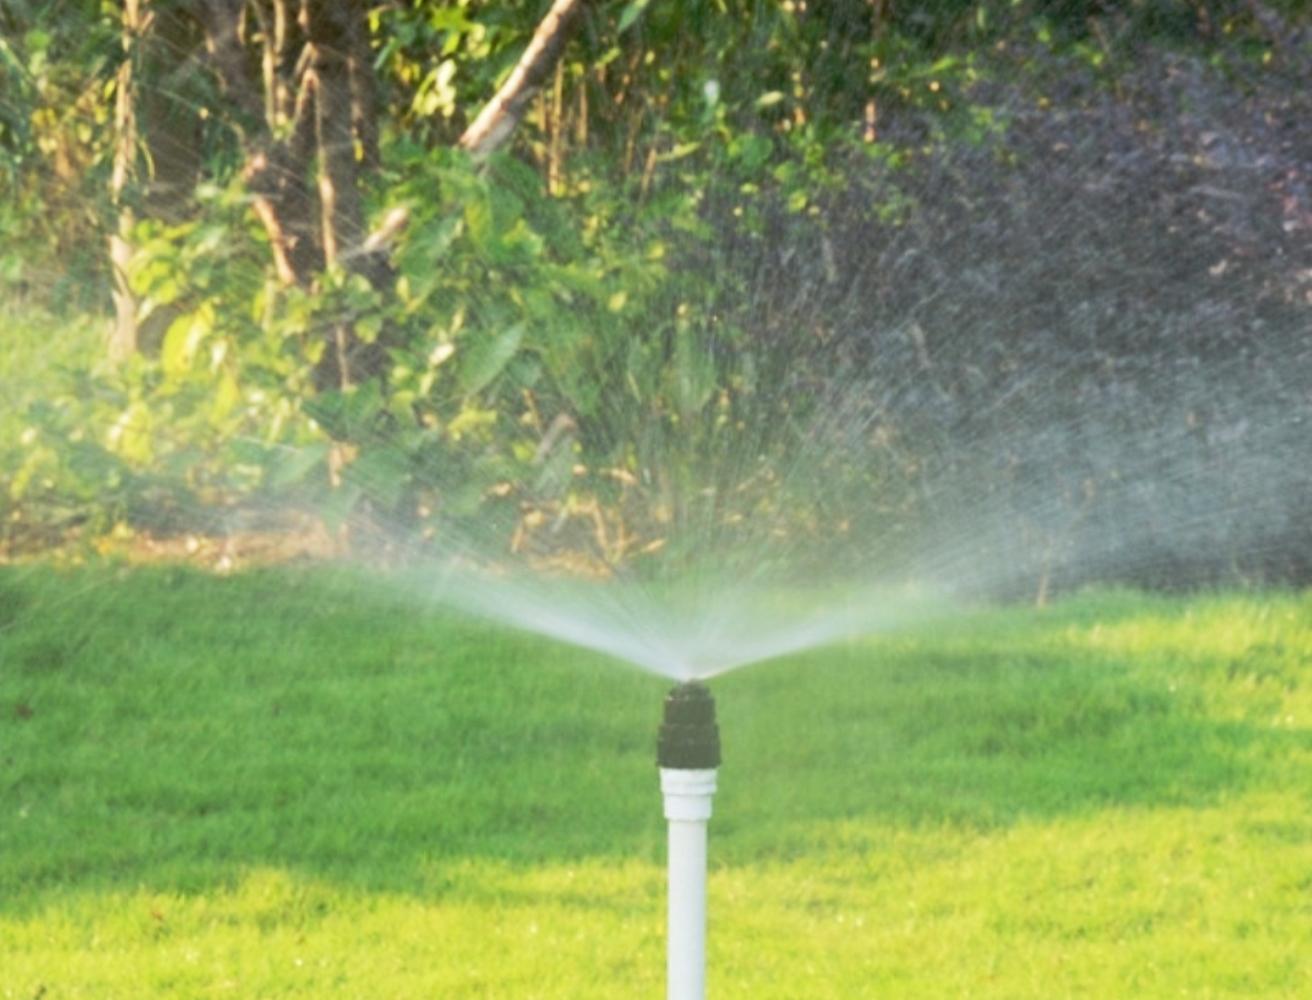 Middle distance nozzle